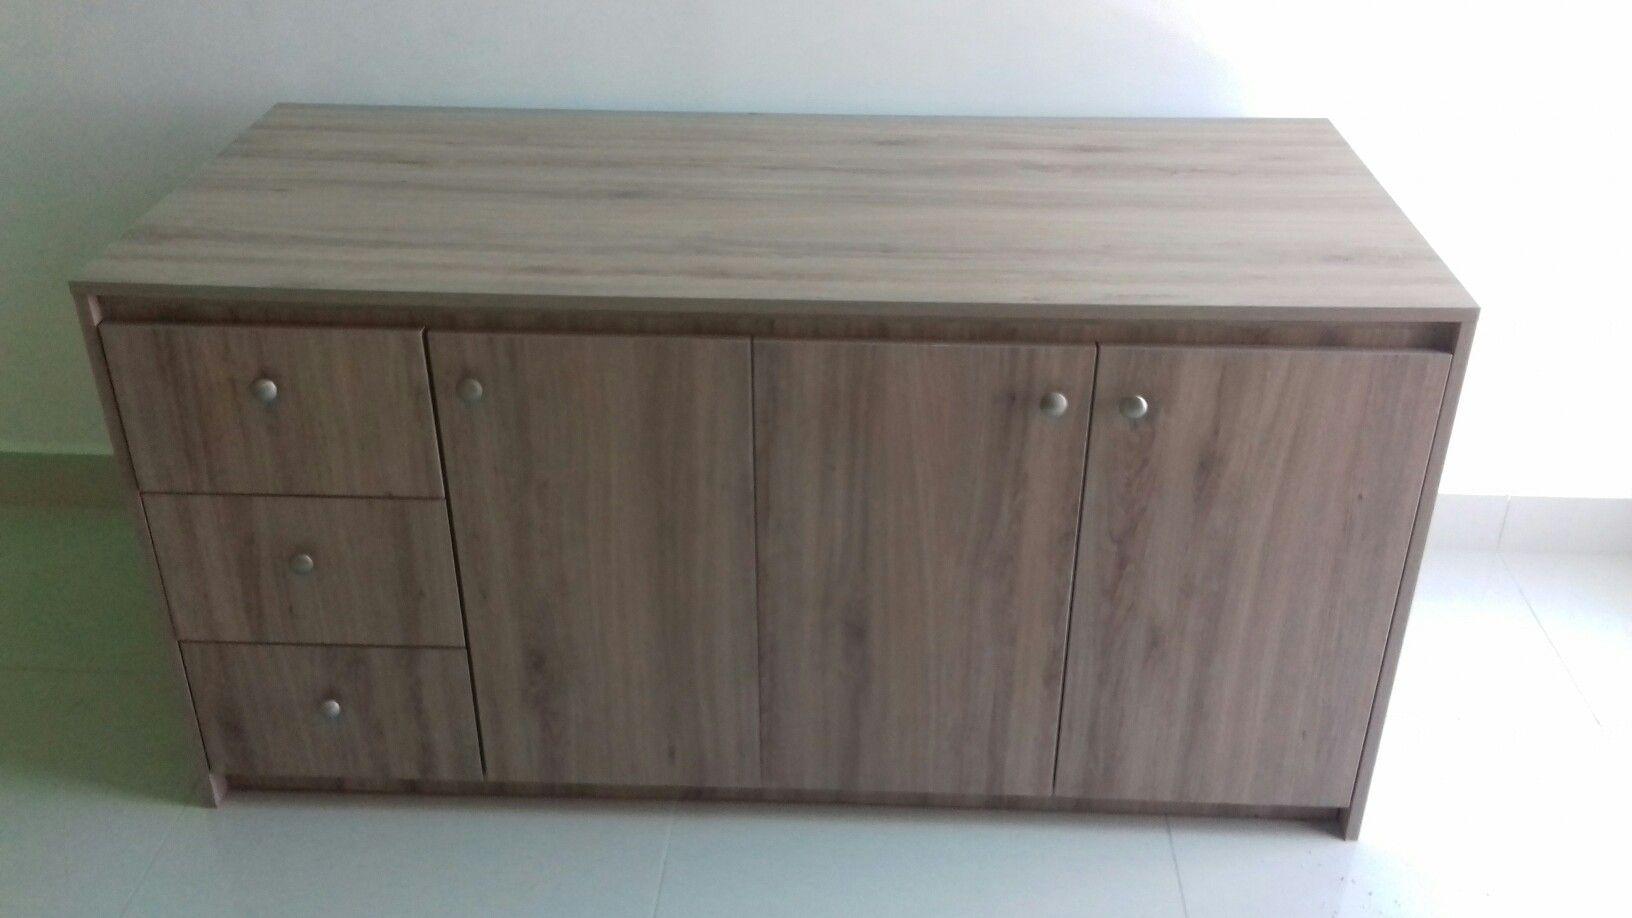 Mueble en roble santana. Teka muebles 4431293176 | TEKA MUEBLES ...